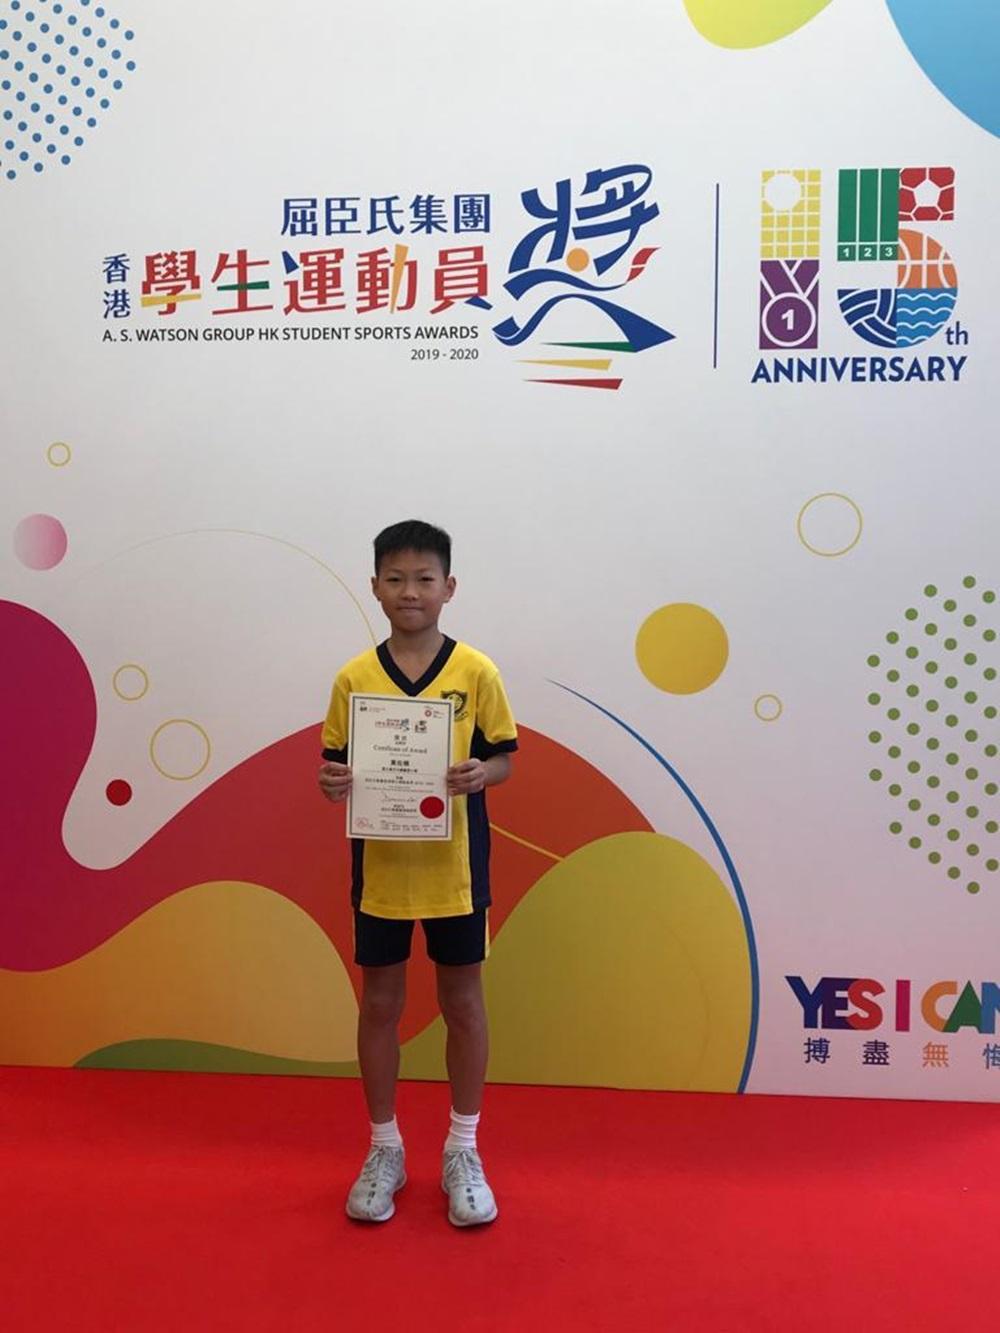 https://skhtswlo.edu.hk/sites/default/files/2019-2020nian_du_xiang_gang_xue_sheng_yun_dong_yuan_jiang_.jpg